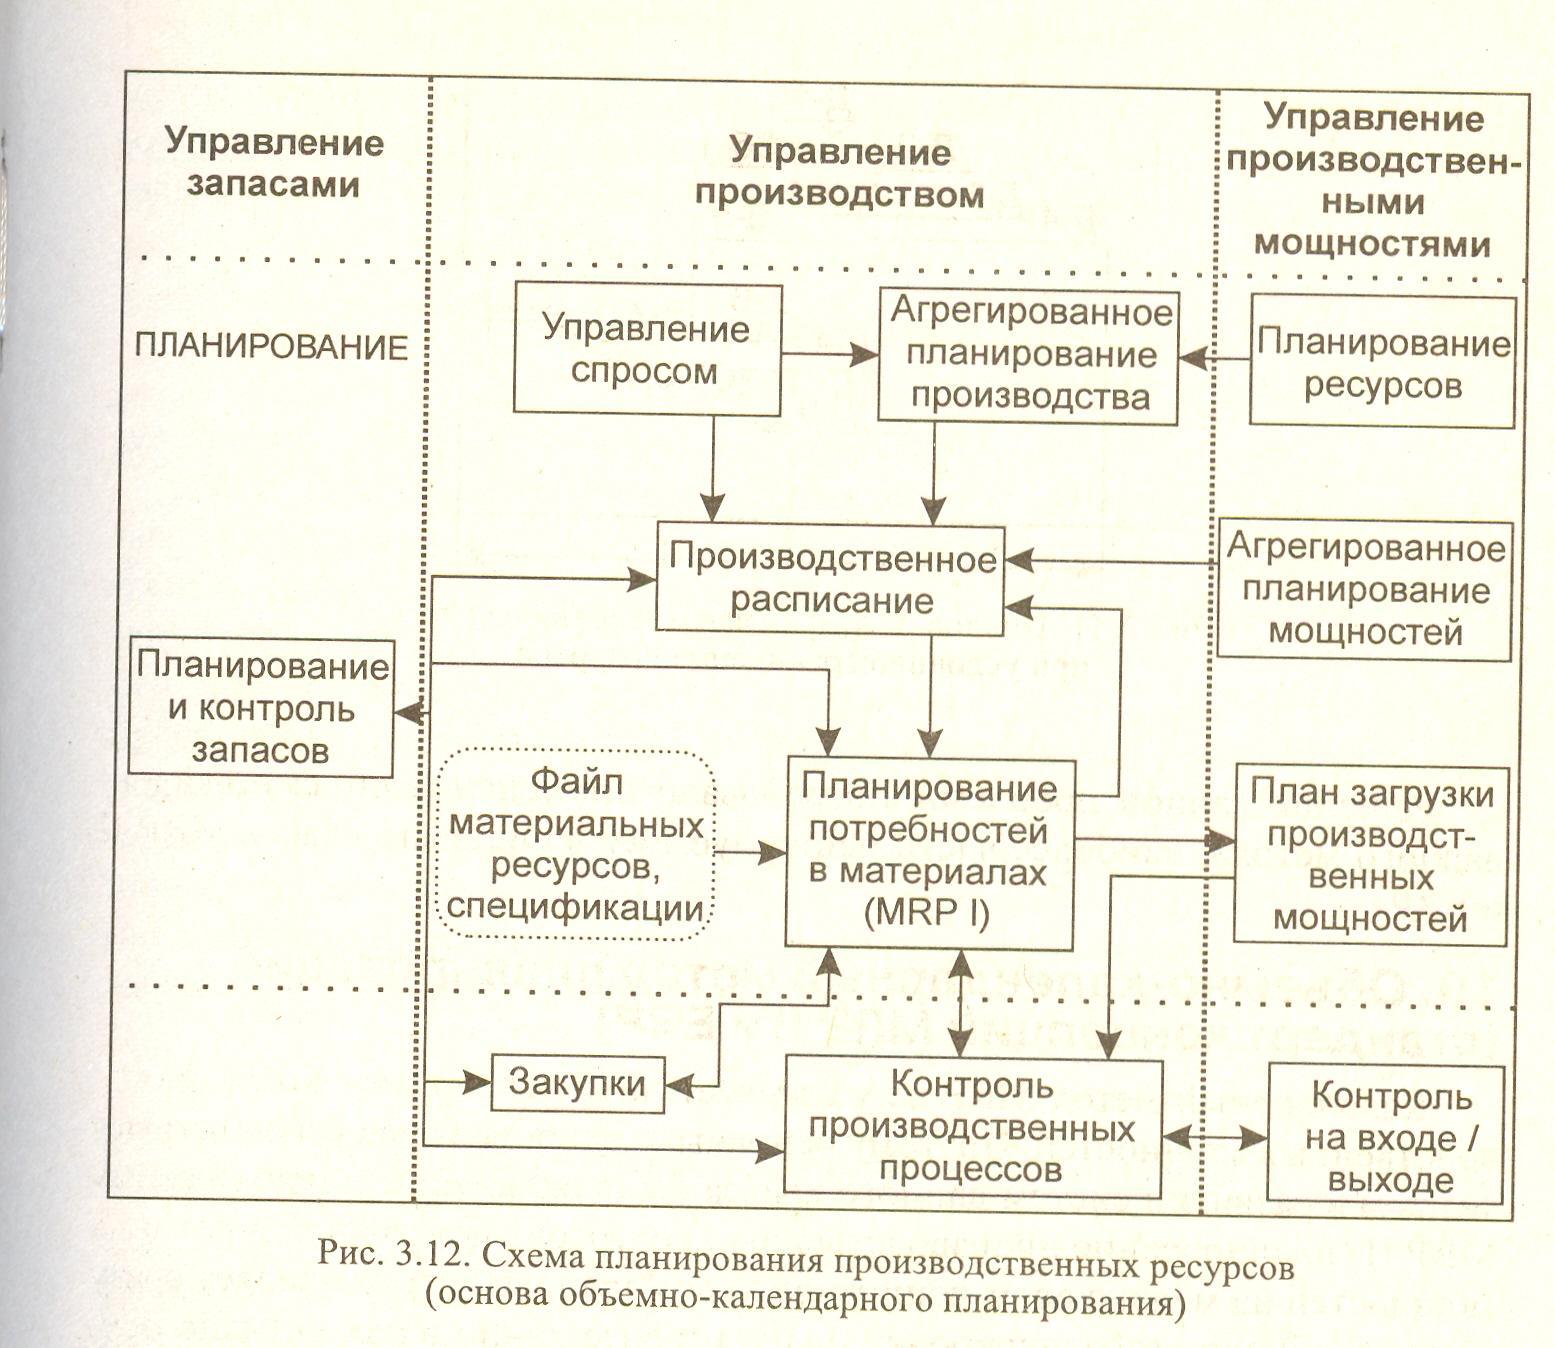 Трудовые ресурсы организации схема